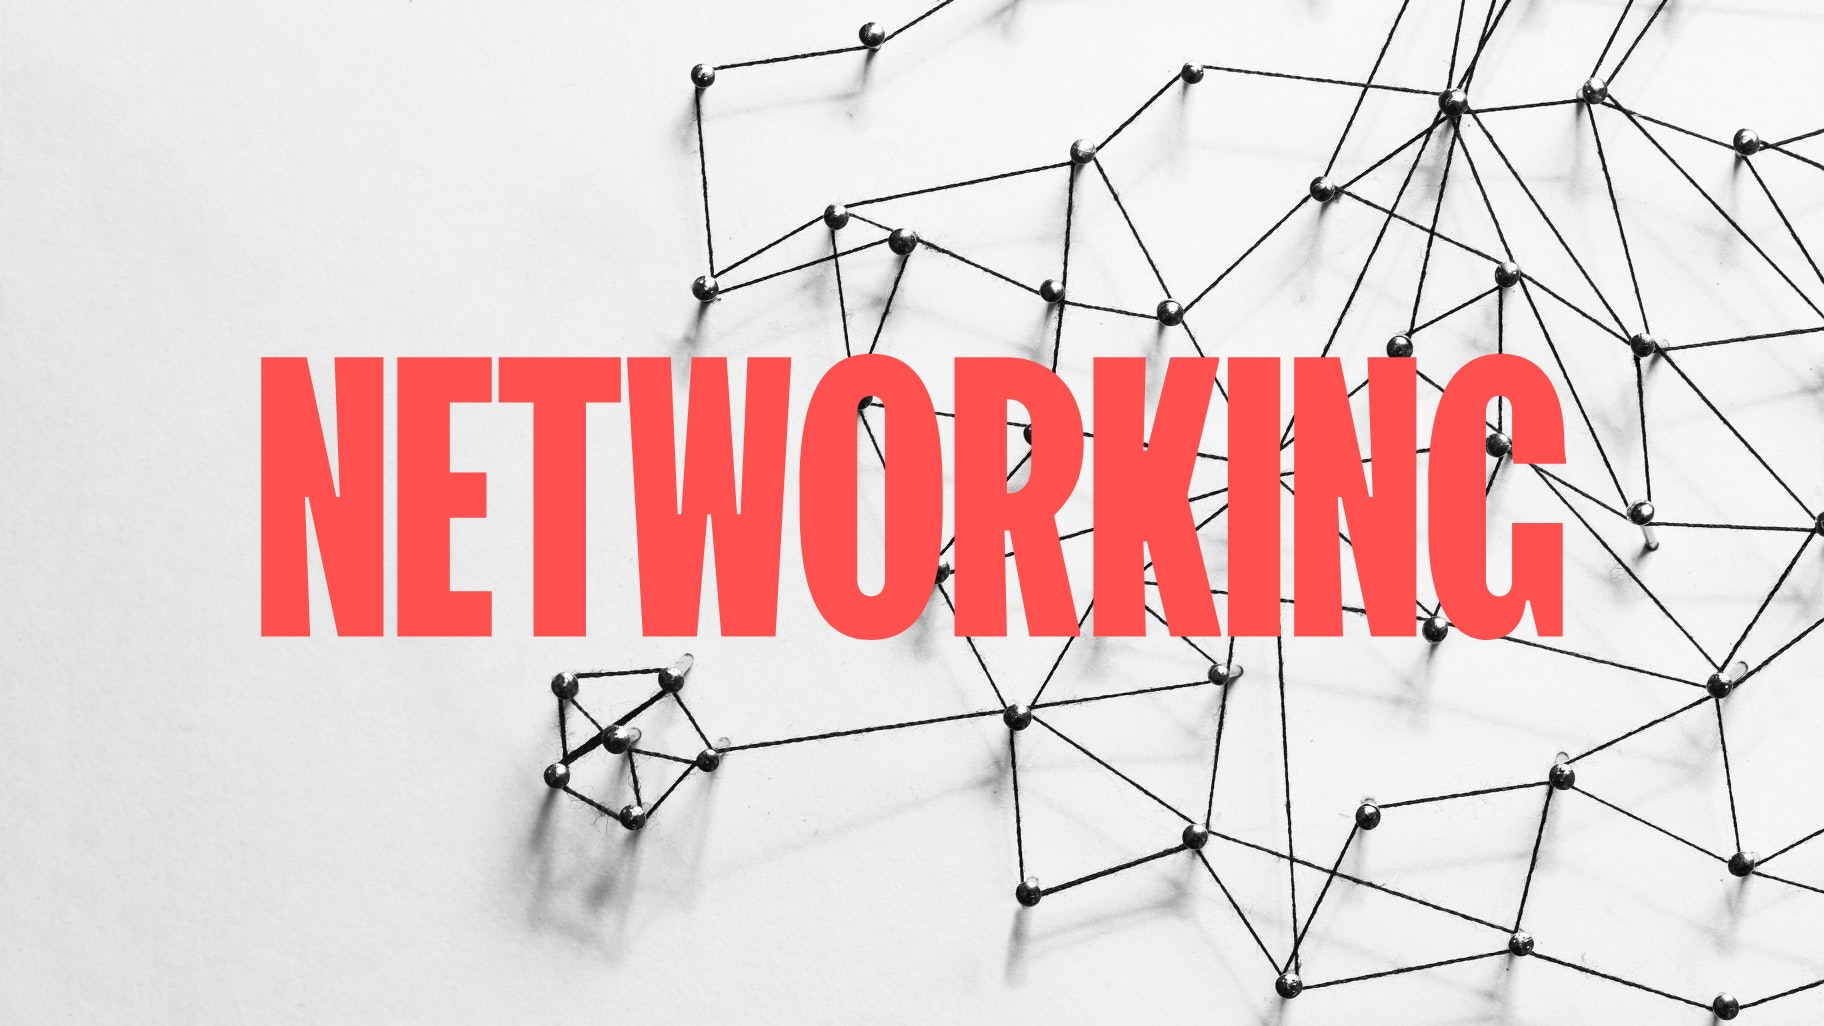 Qué es networking